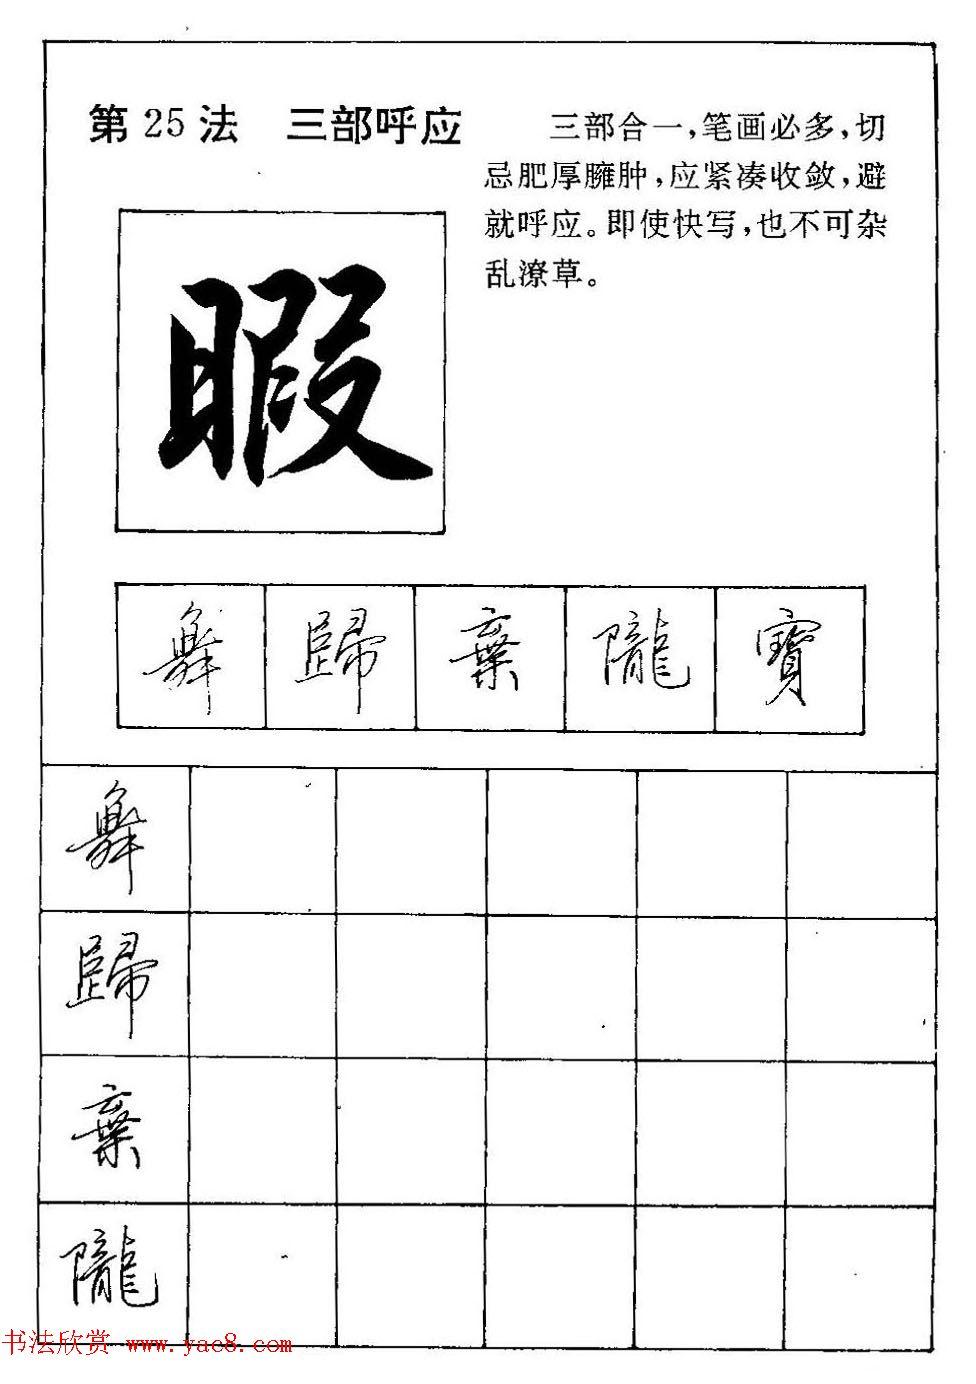 田英章硬笔书法教材:行书间架结构28法